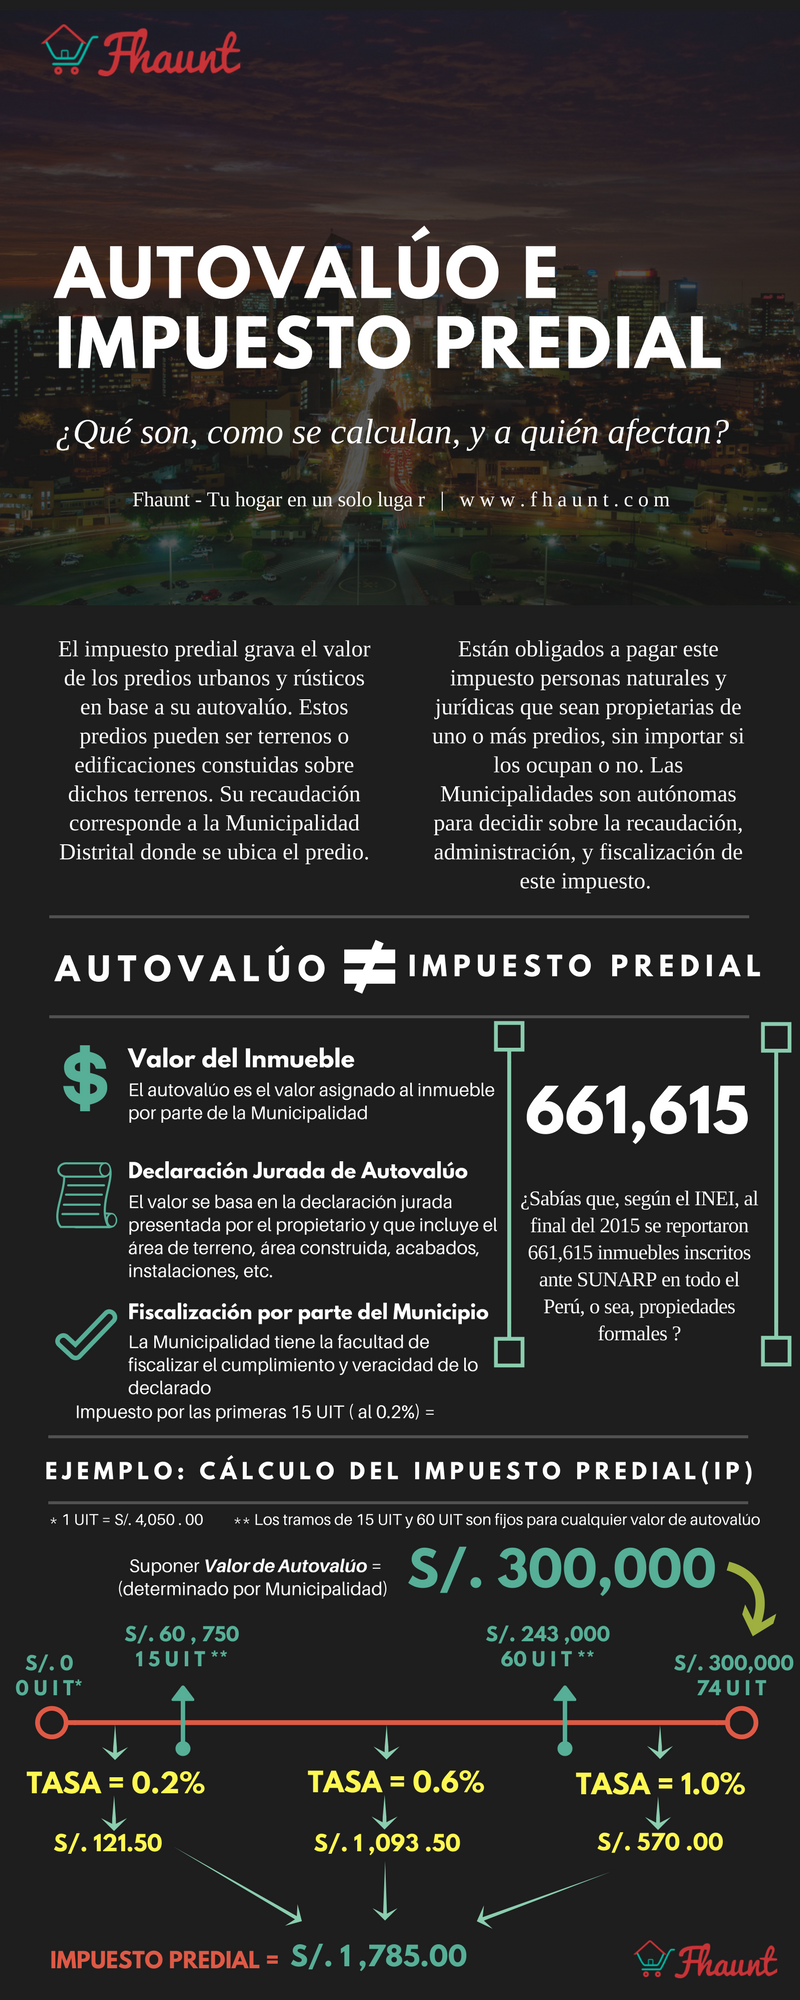 Infografía sobre Autovalúo e Impuesto Predial en el Perú